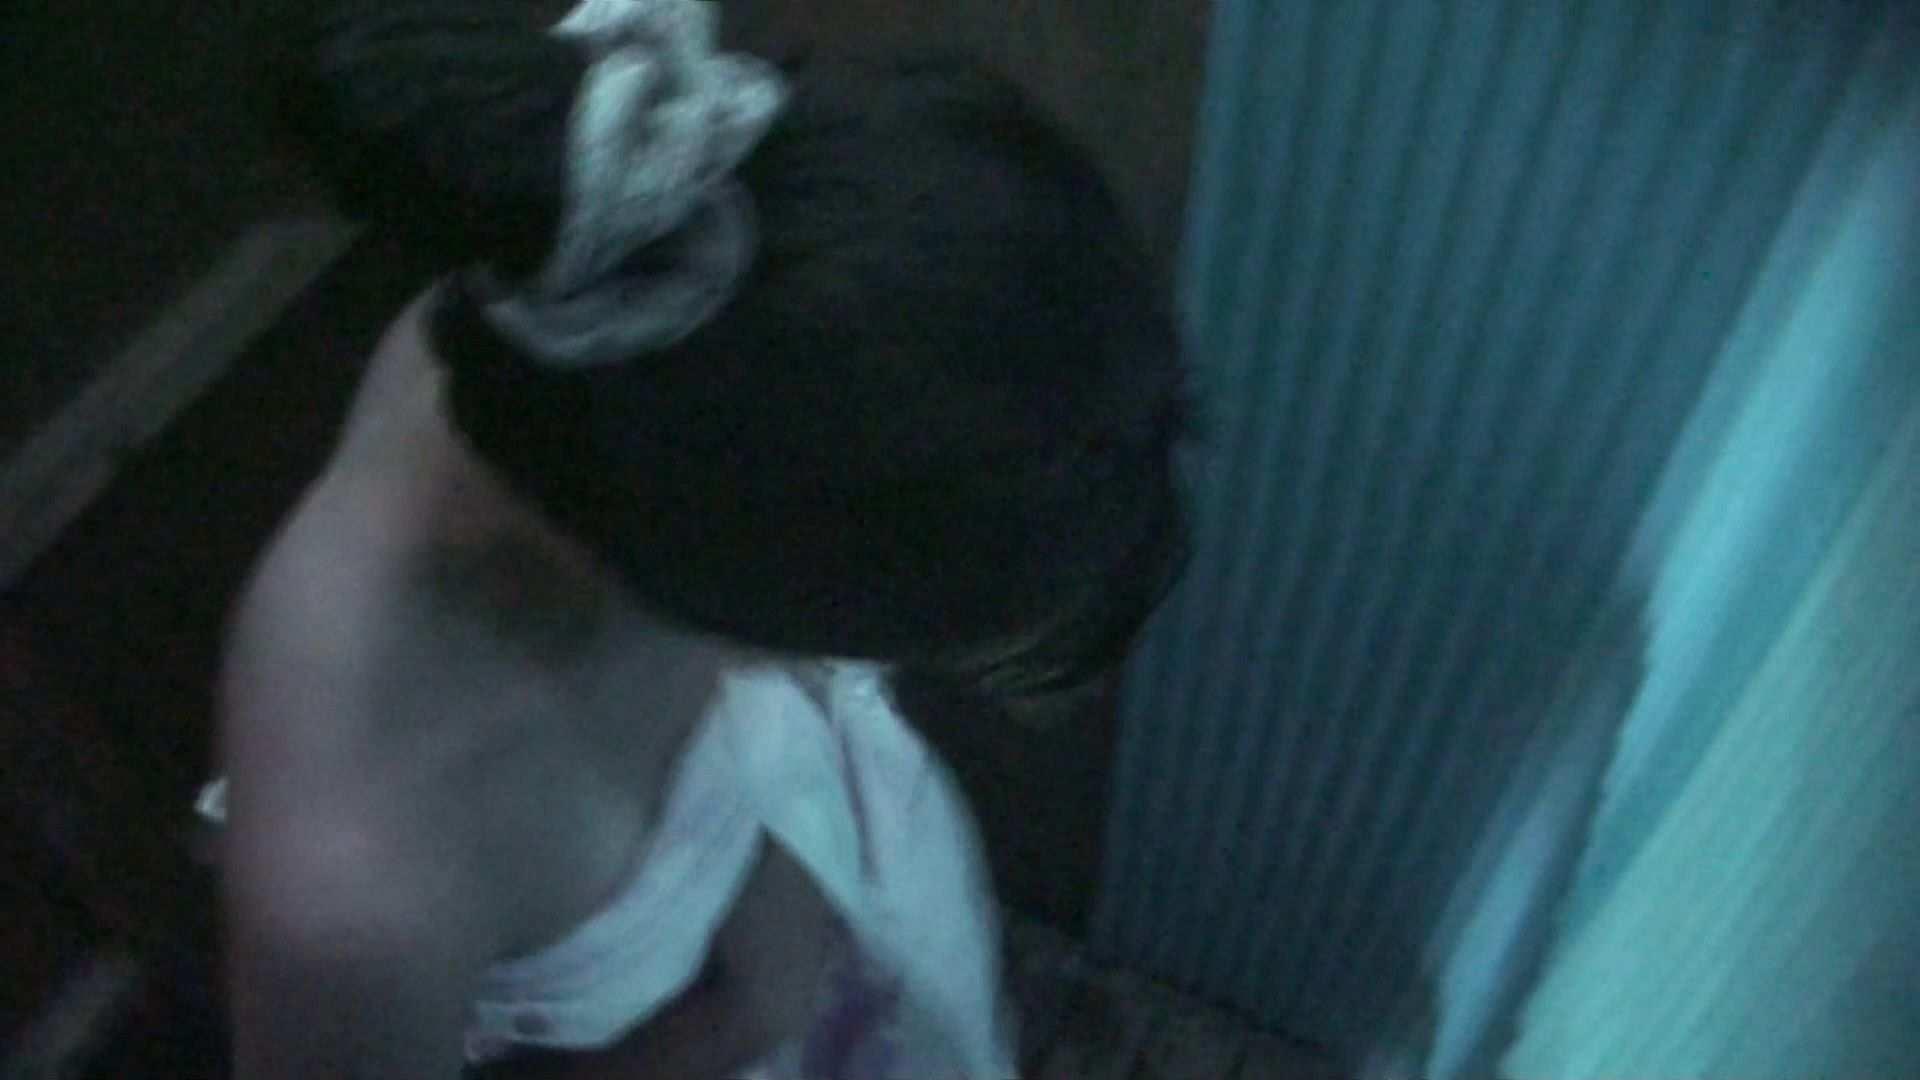 シャワールームは超!!危険な香りVol.26 大学生風美形ギャル 暗さが残念! シャワー | 高画質  106画像 73